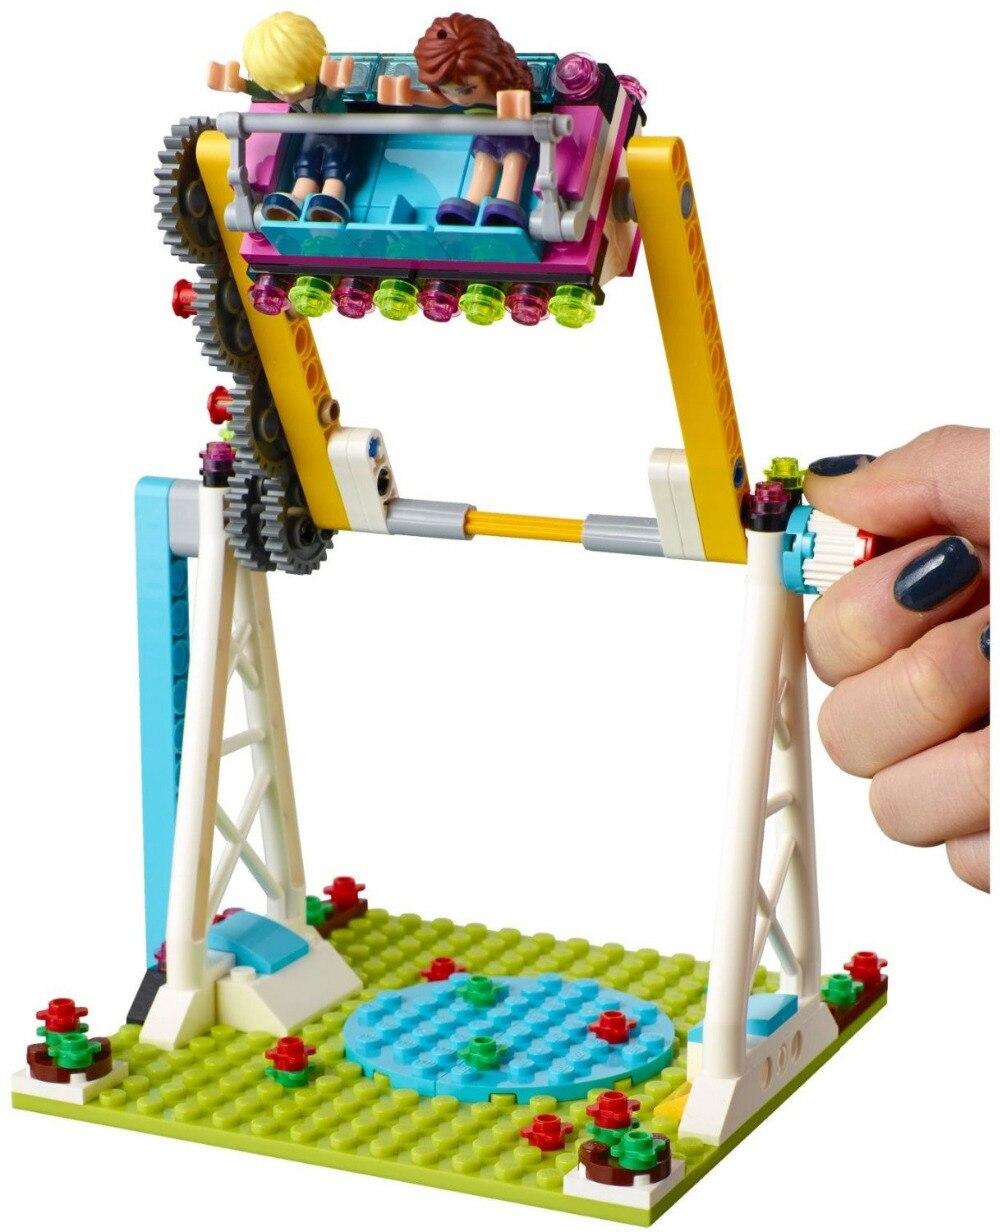 LEPINE Friends Amusement Park Bumper Cars Building Blocks Classic For Girl Kids Model Toys Marvel educational block girl gift lepine model